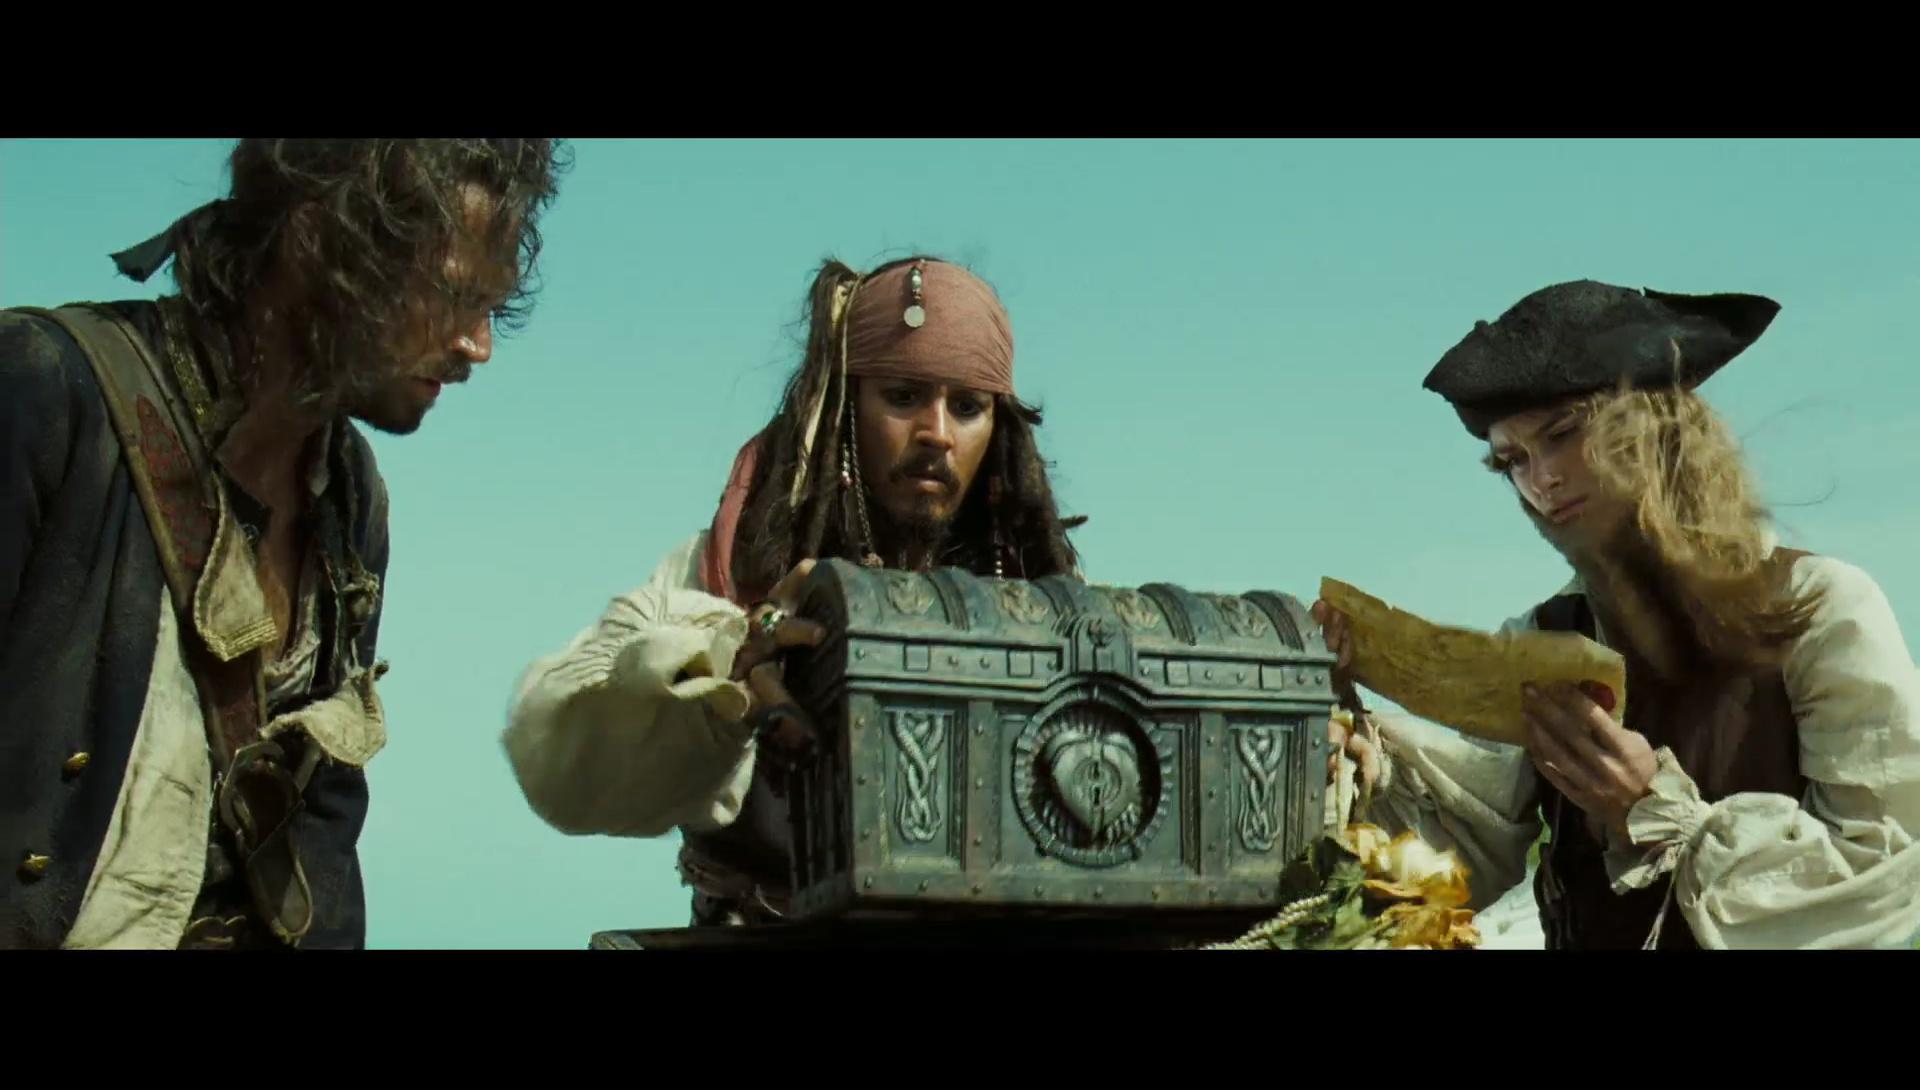 Piratas Del Caribe 2 El Cofre De La Muerte 1080p Lat-Cast-Ing 5.1 (2006)